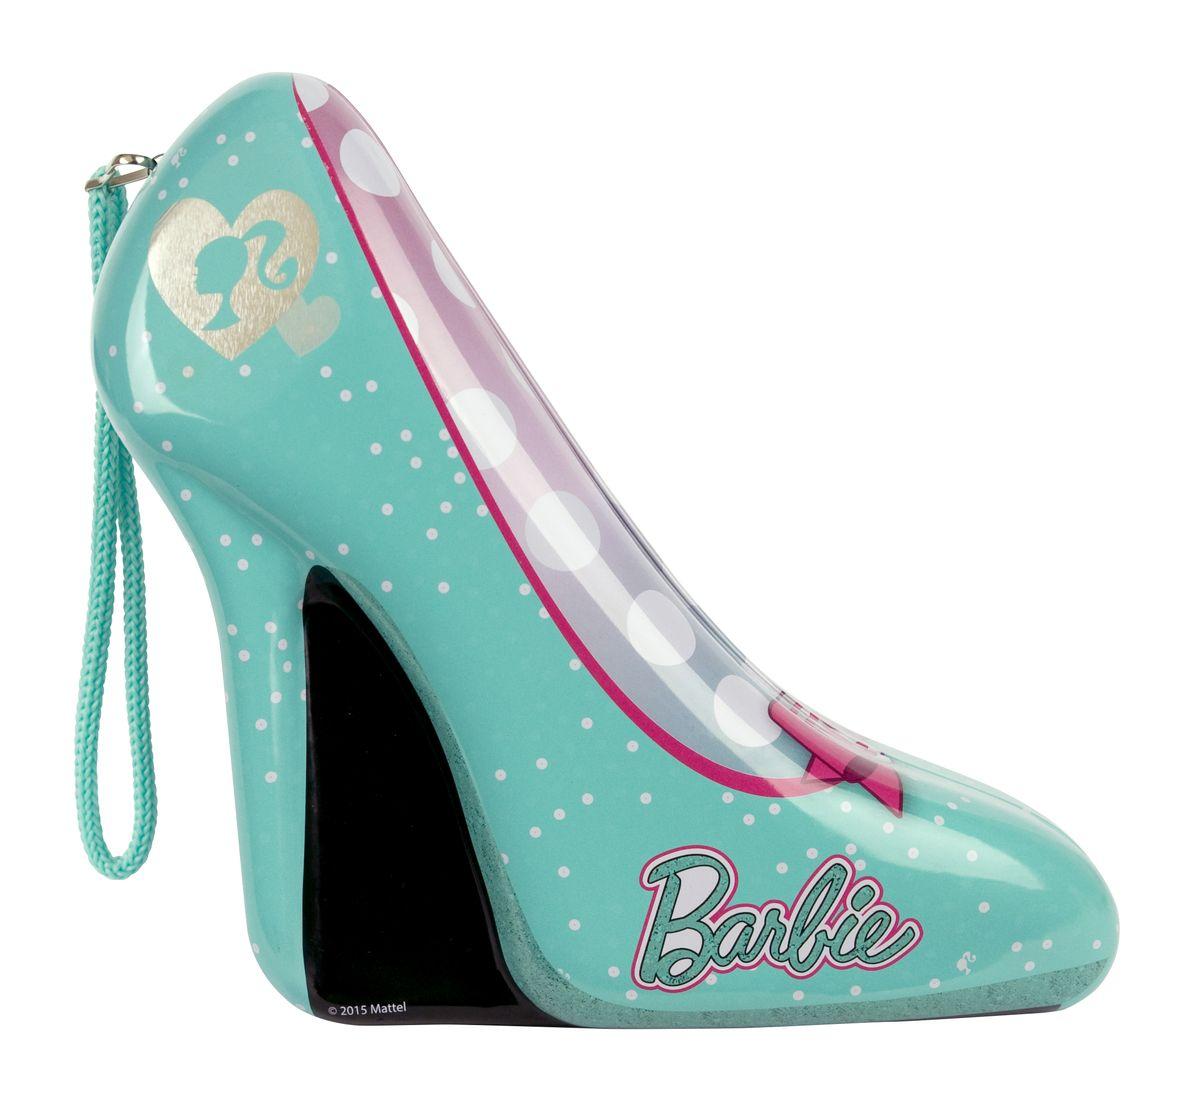 Markwins Игровой набор детской декоративной косметики Barbie в туфельке цвет зеленый9600651Состав набора: лак для ногтей на водной основе 1 шт., лаки на водной основе для дизайна ногтей 2 шт., блёстки в баночке 1 шт., 1 комплект накладных ногтей (10 шт.), клейкая основа под комплект накладных ногтей 1 шт., пинцет 1шт., кольца 2 шт., жестяная ёмкость в форме туфельки 1 шт.